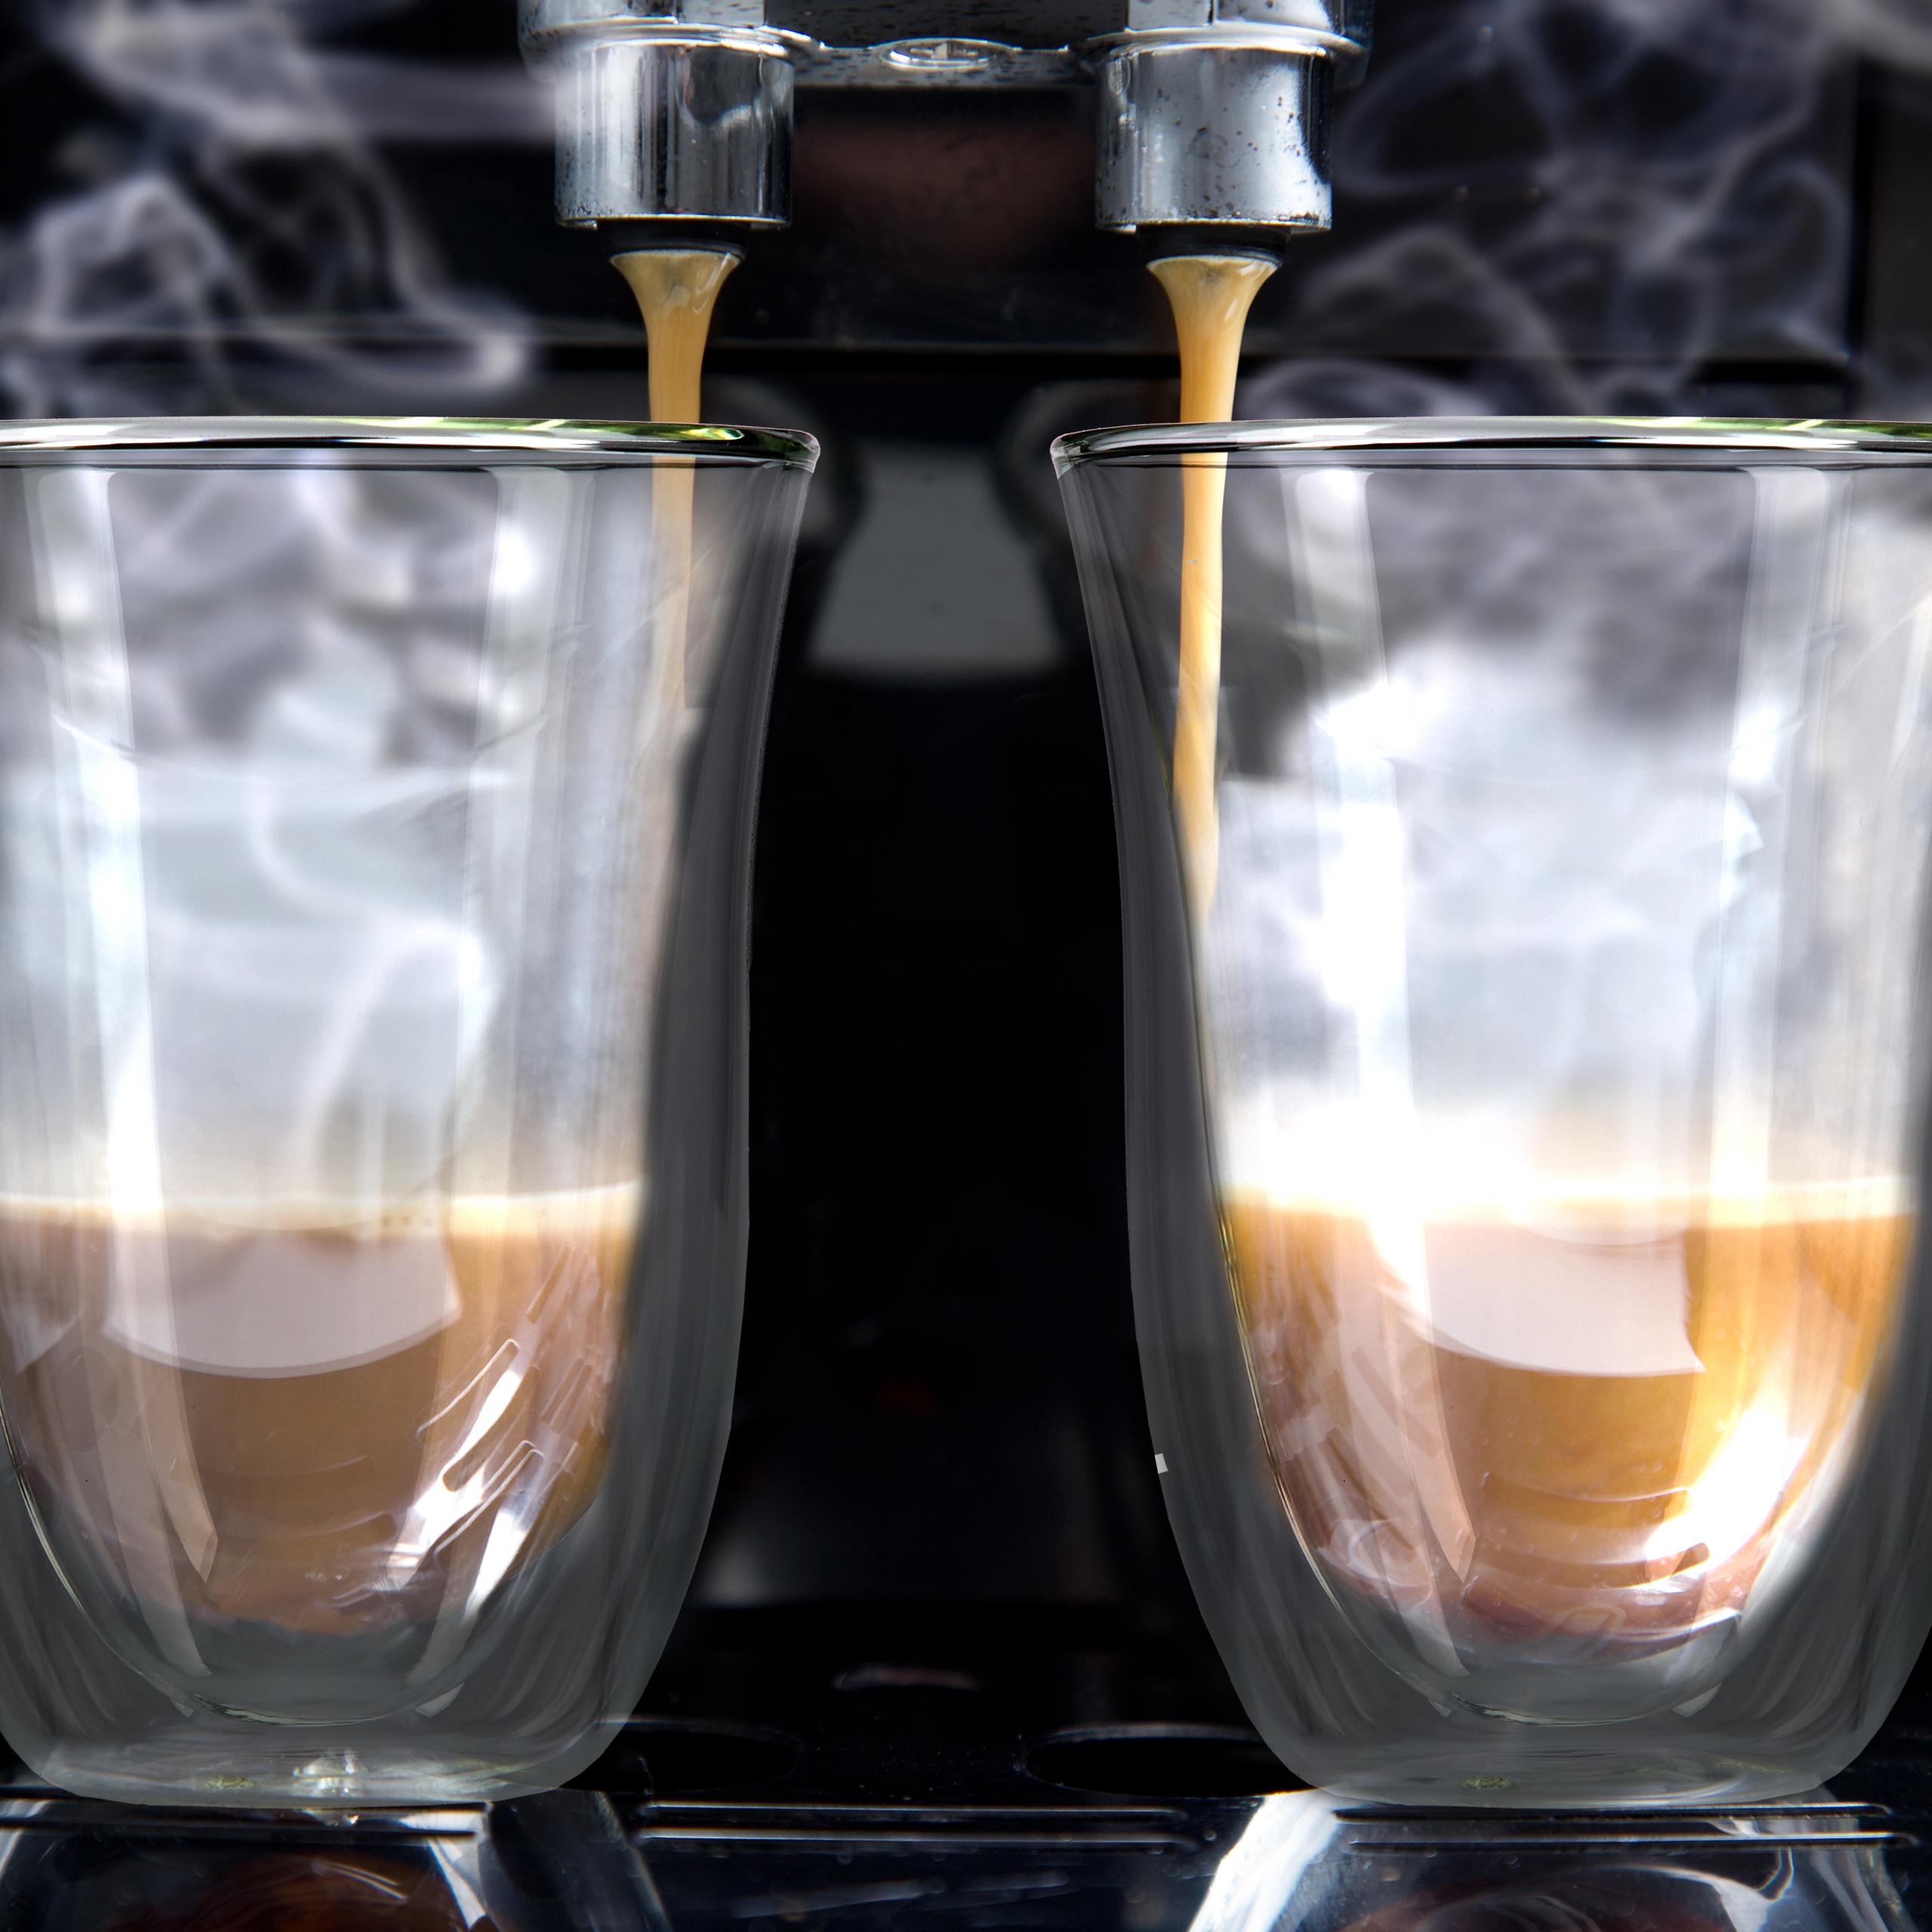 Thermoglaeser-Set-2-Glaeser-Doppelwand-Latte-Macchiato-Cappuccino-Espresso Indexbild 4